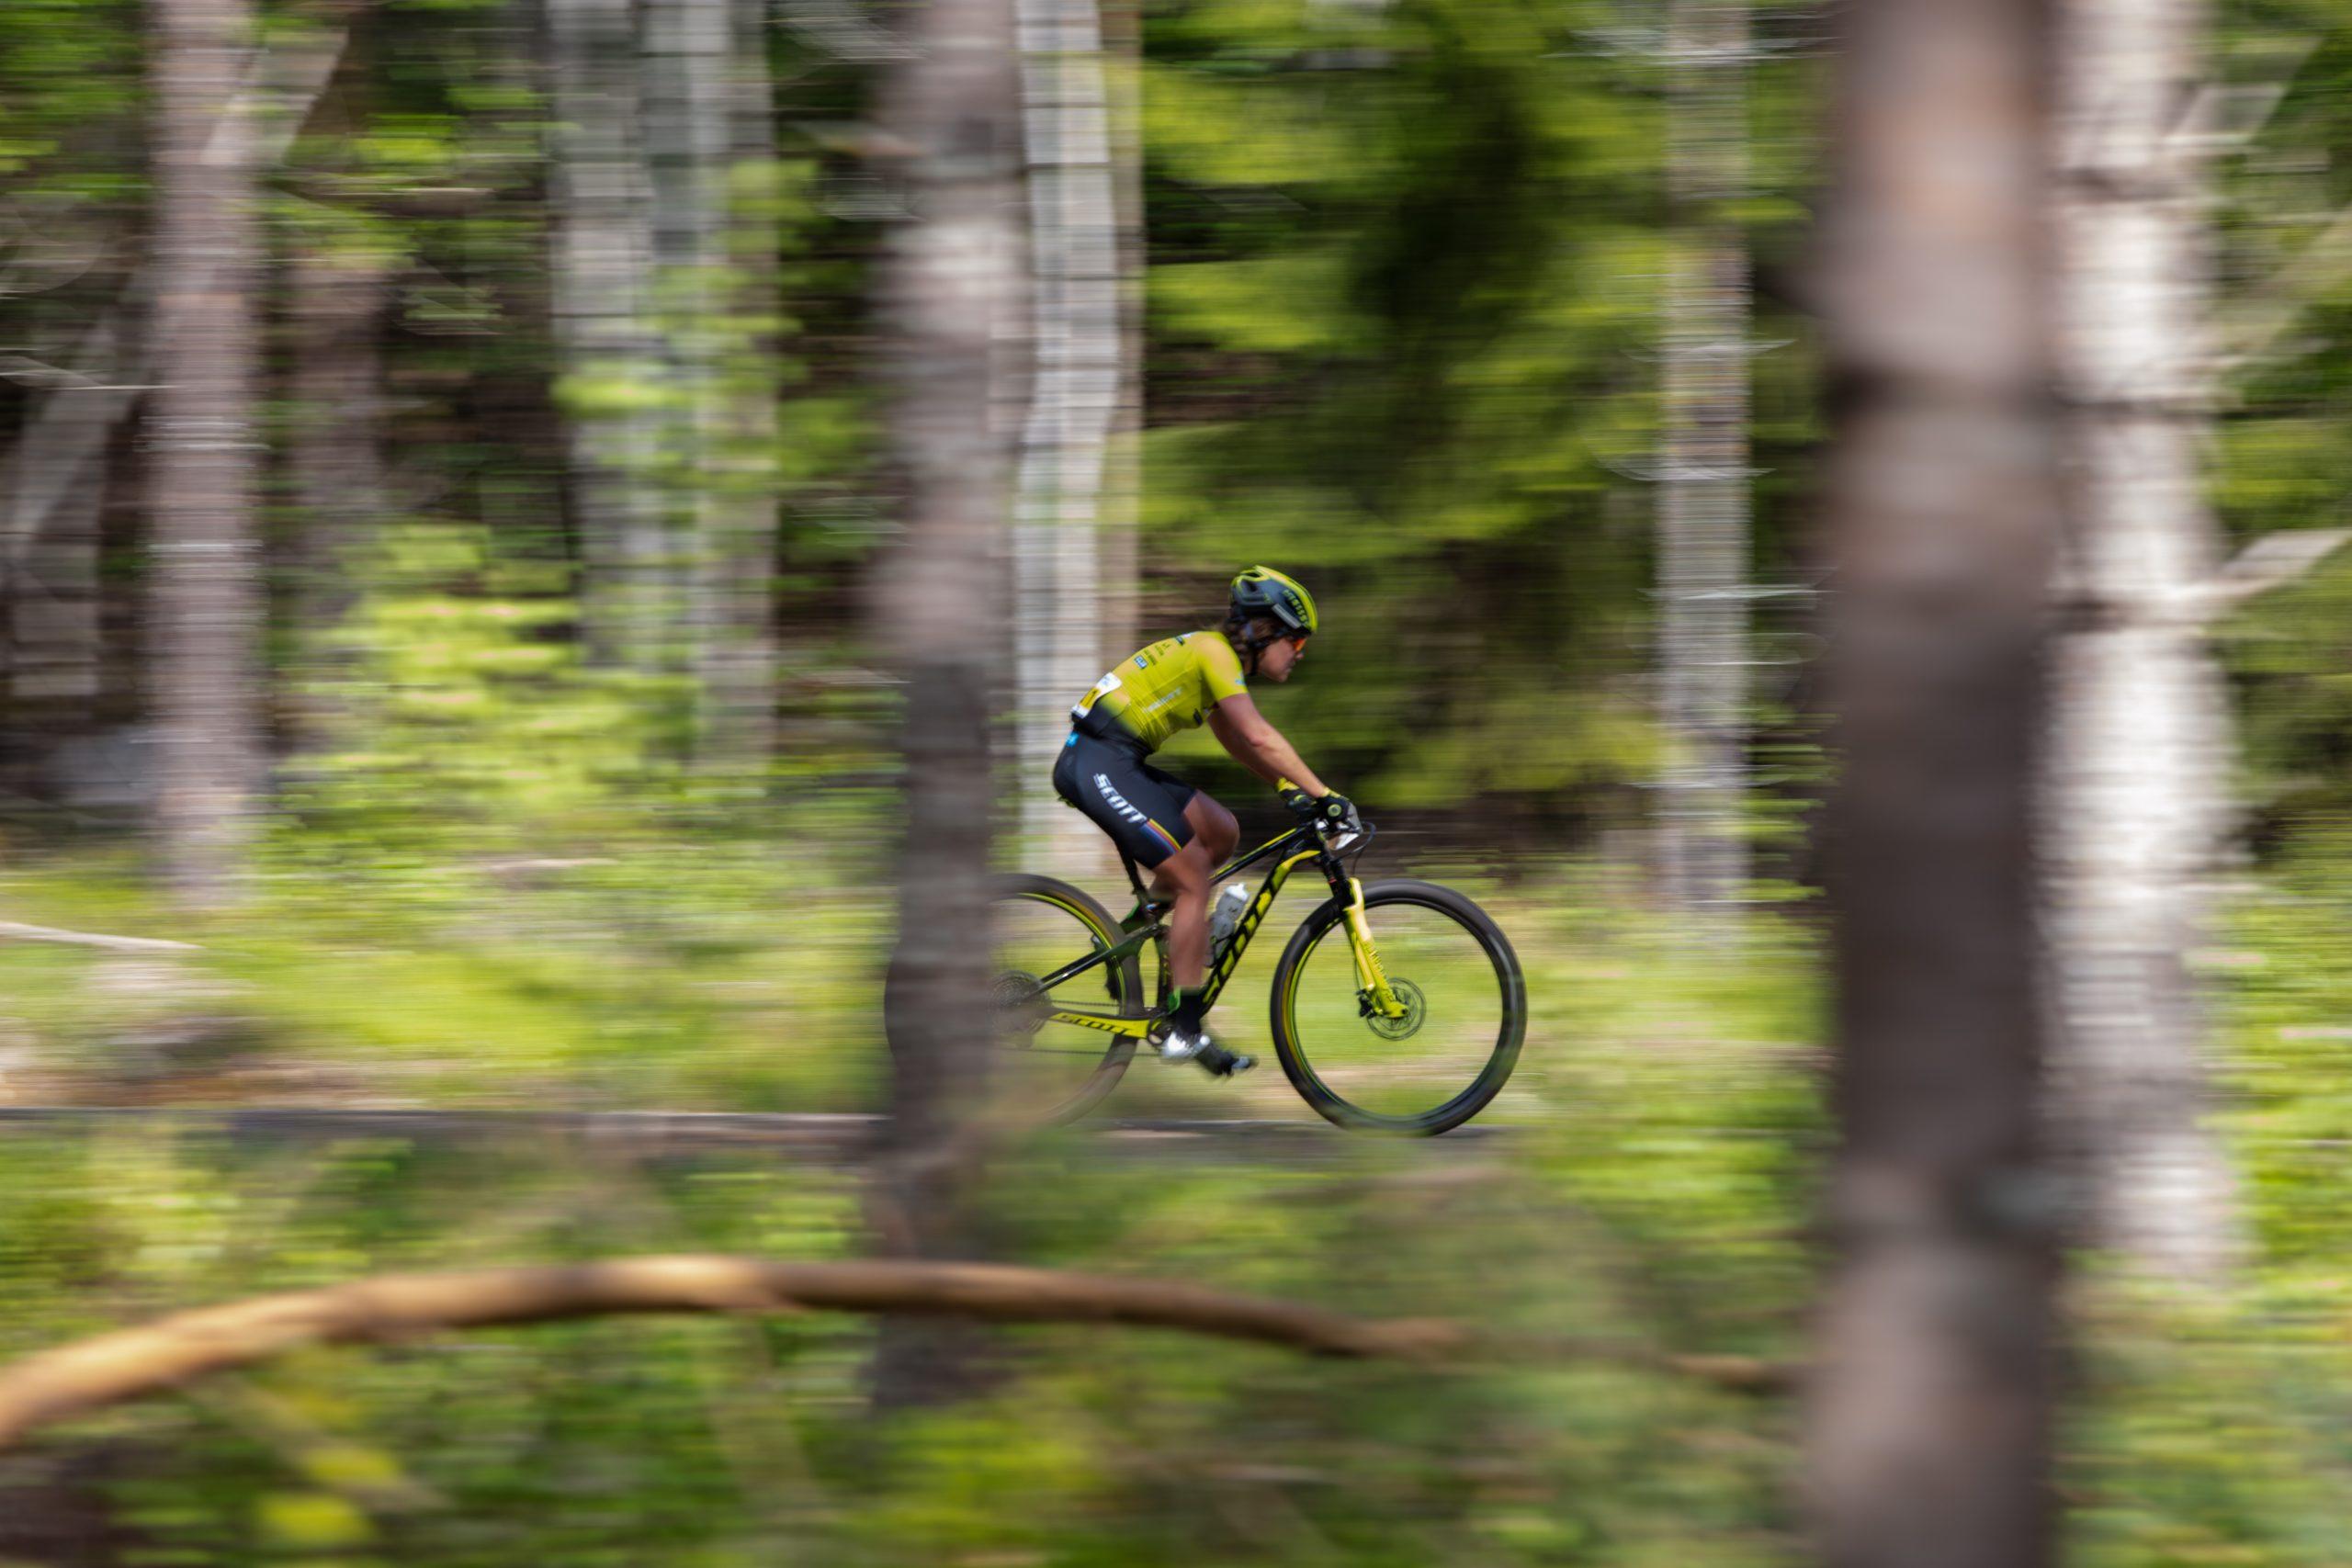 Marika: Att cykla är äventyr